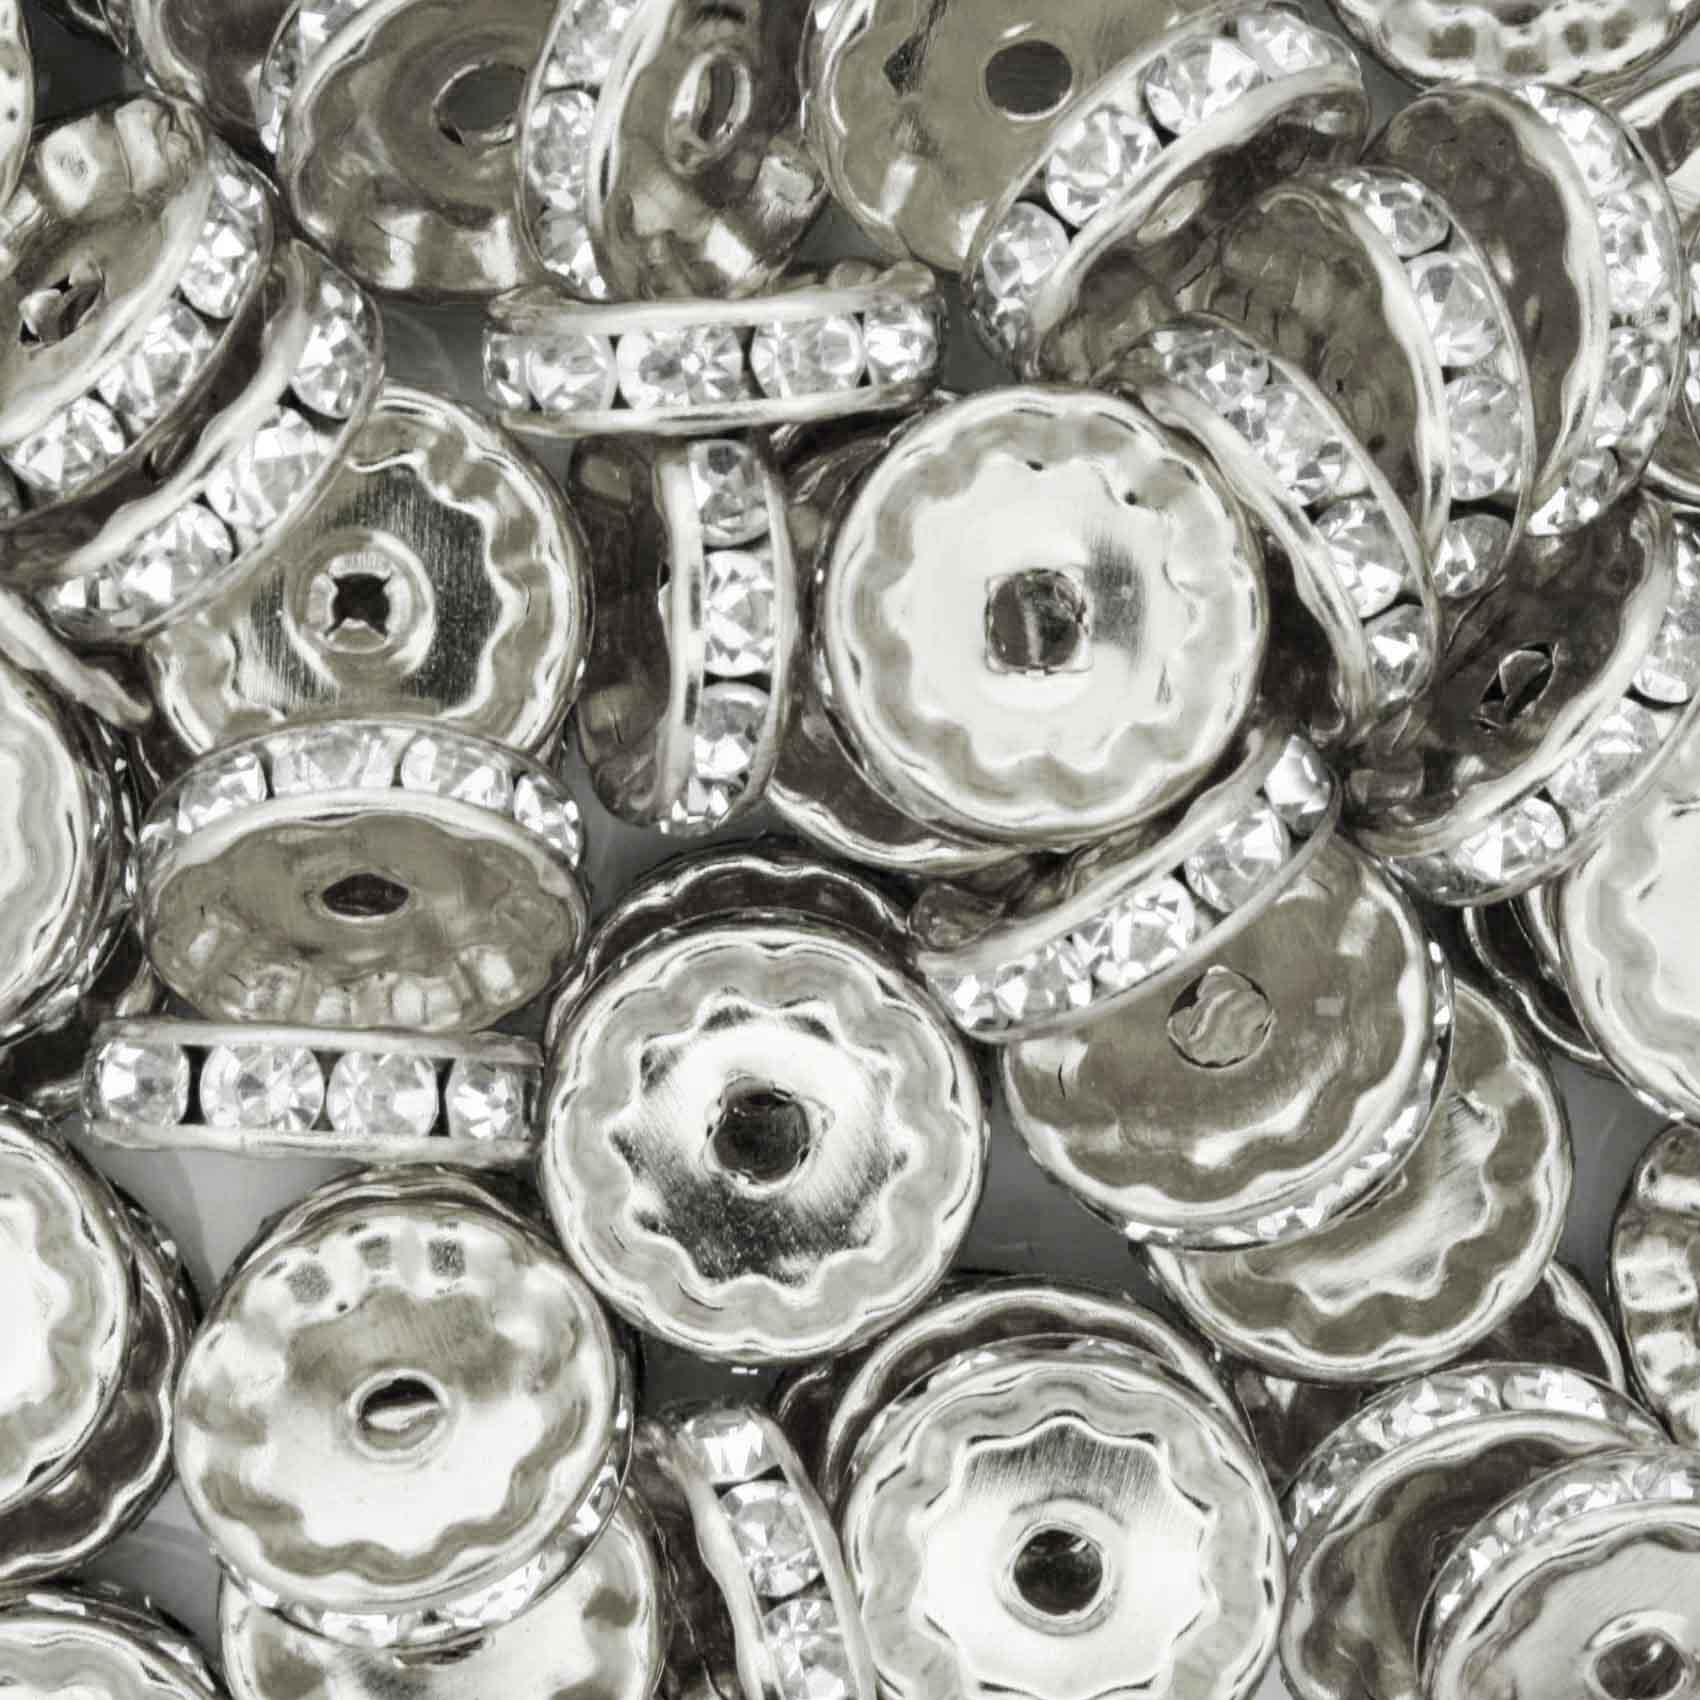 Rondela de Strass - Níquel - 12mm  - Stéphanie Bijoux® - Peças para Bijuterias e Artesanato